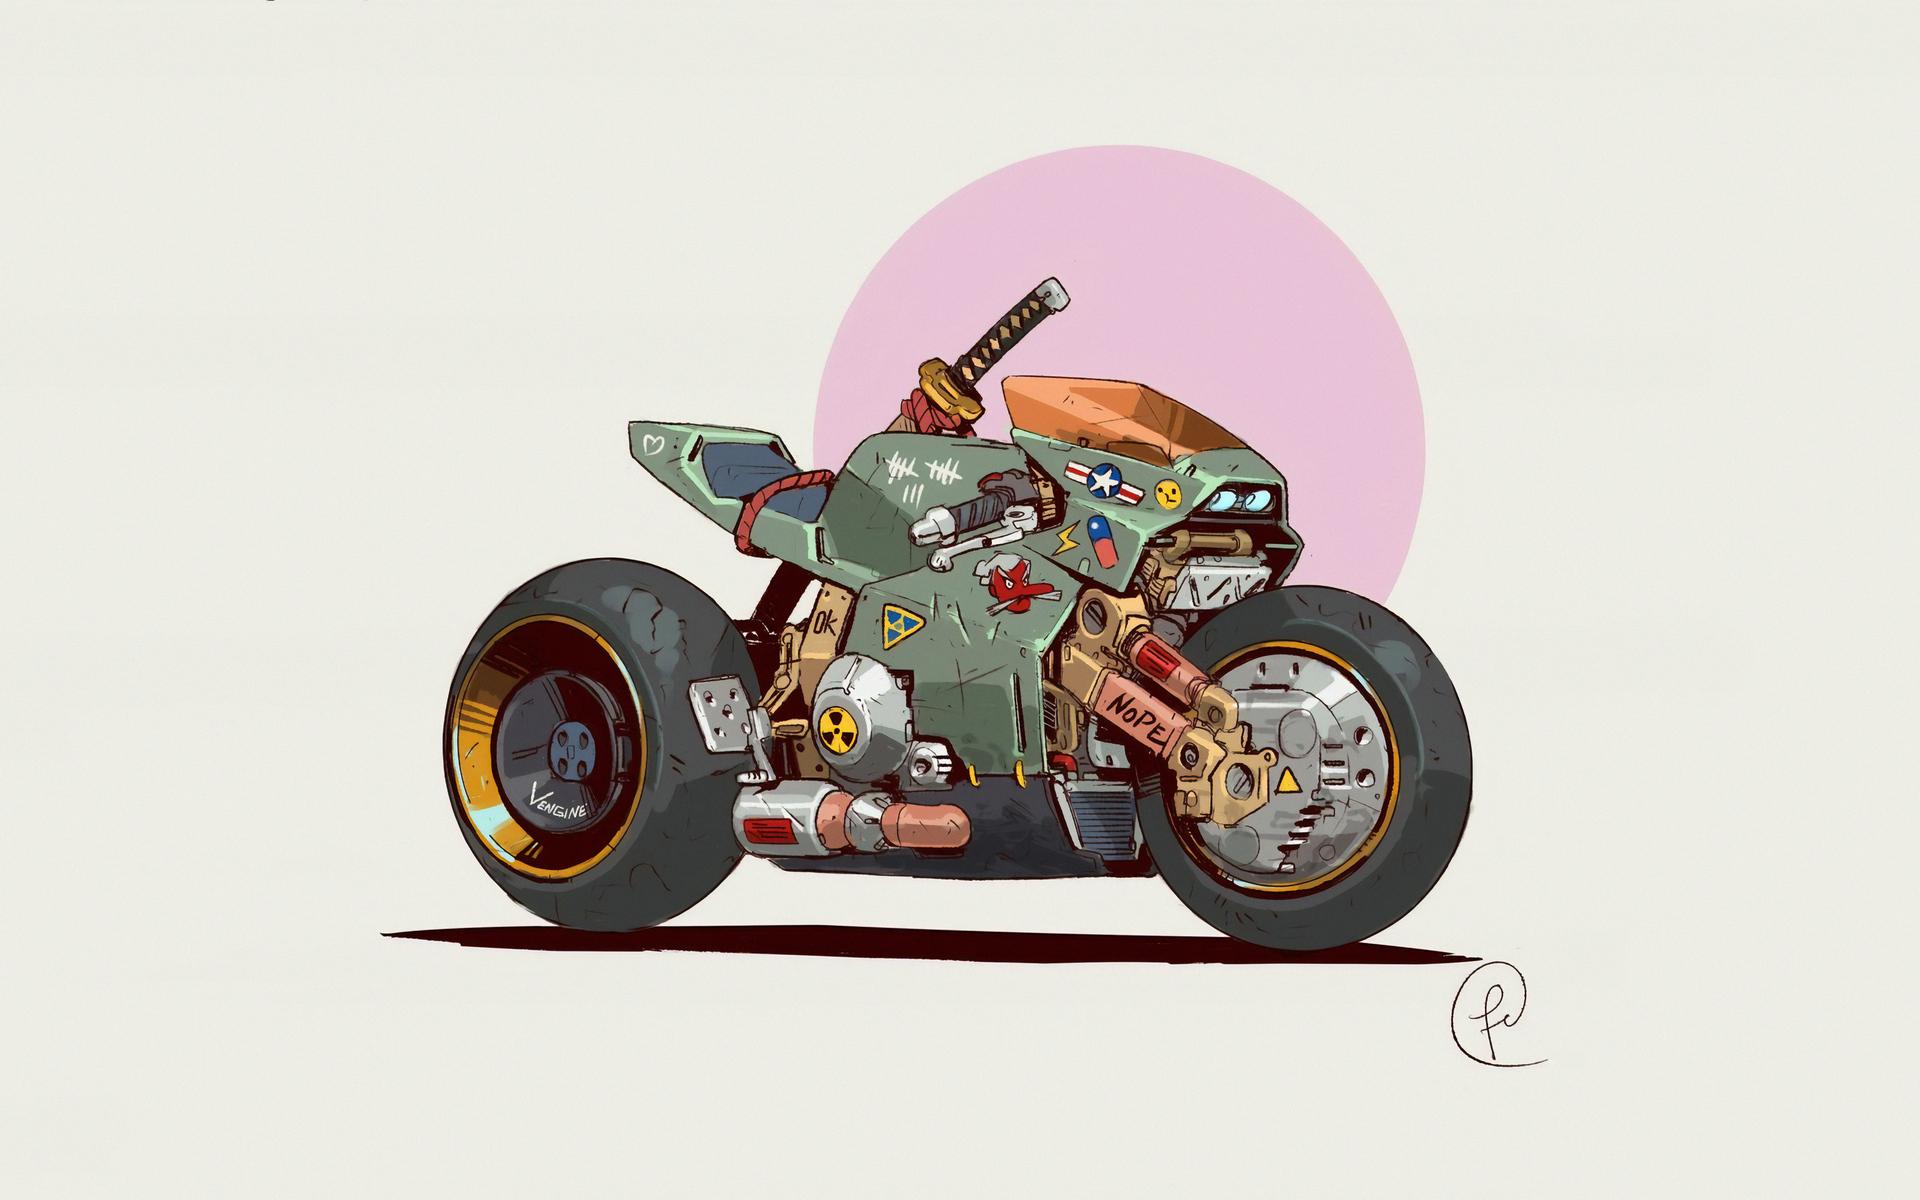 cyberpunk-retro-bike-4k-qq.jpg